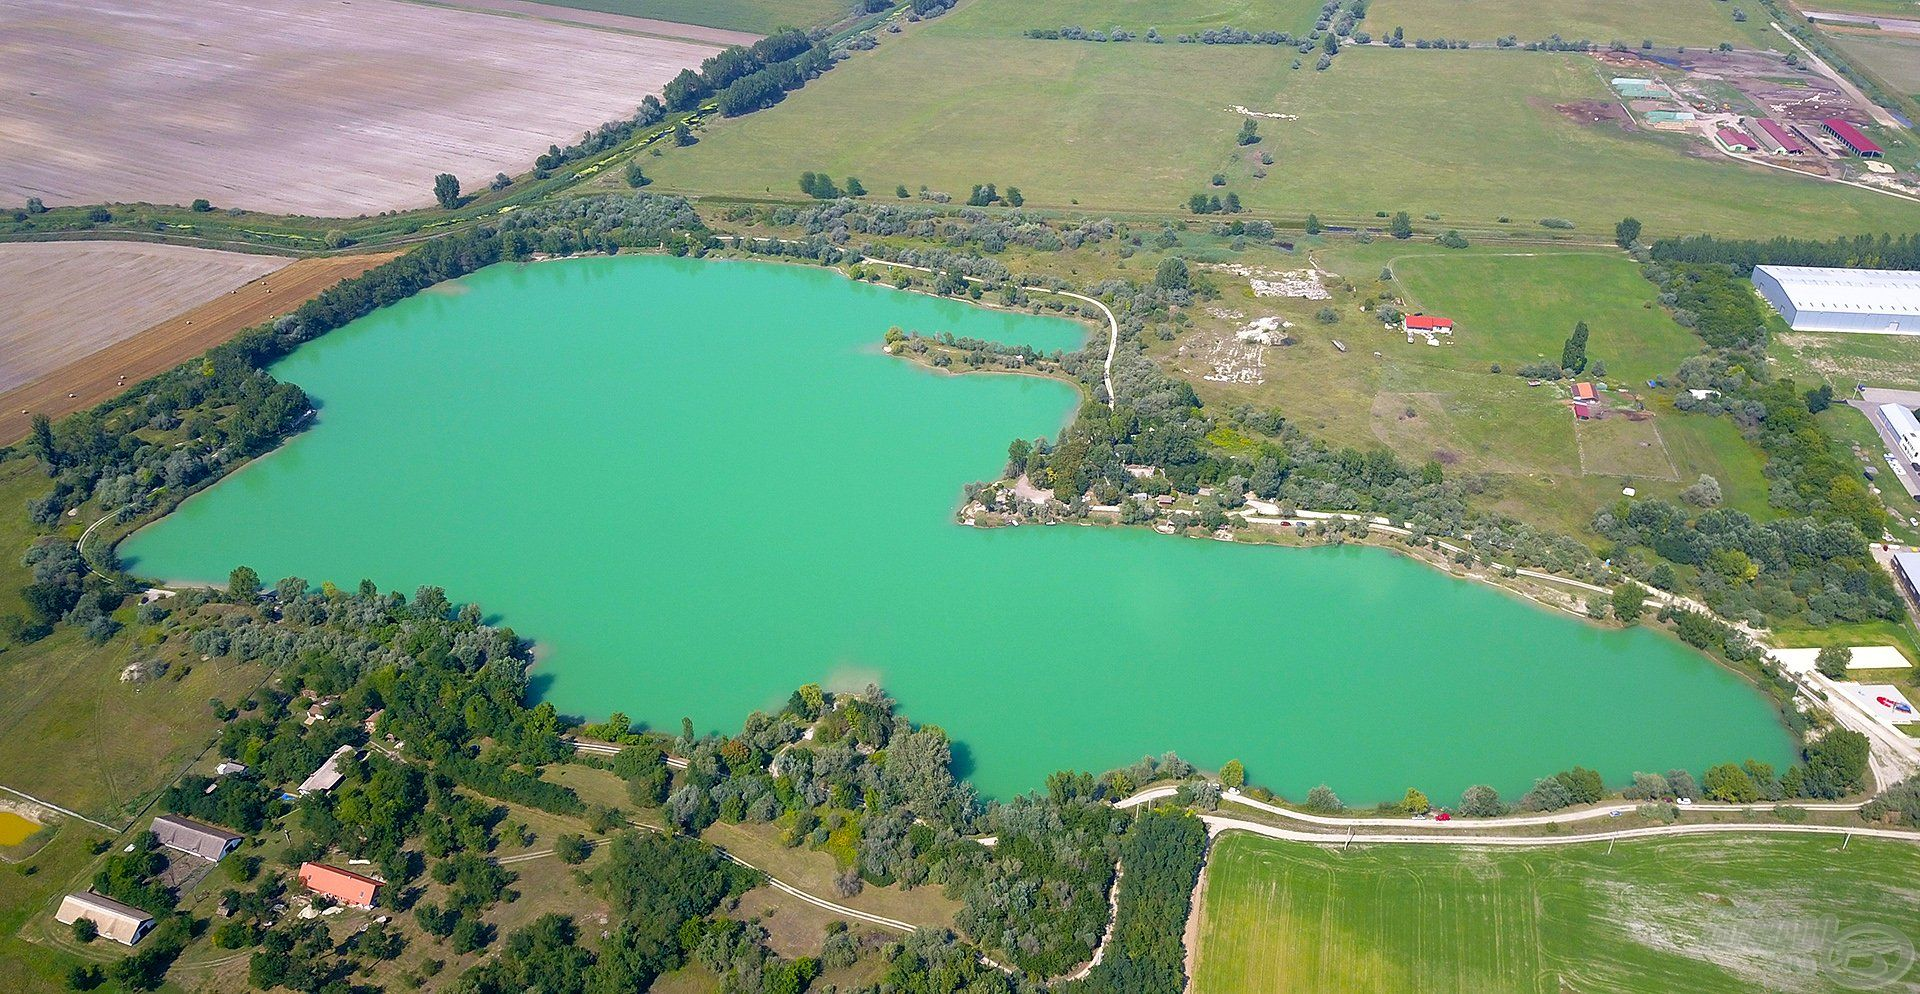 Fentről nézve szemet gyönyörködtető, azúrkék színben pompázik a Dabasi kavicsbánya tó, ez a víz számos nyári horgásznapunknak adott otthont